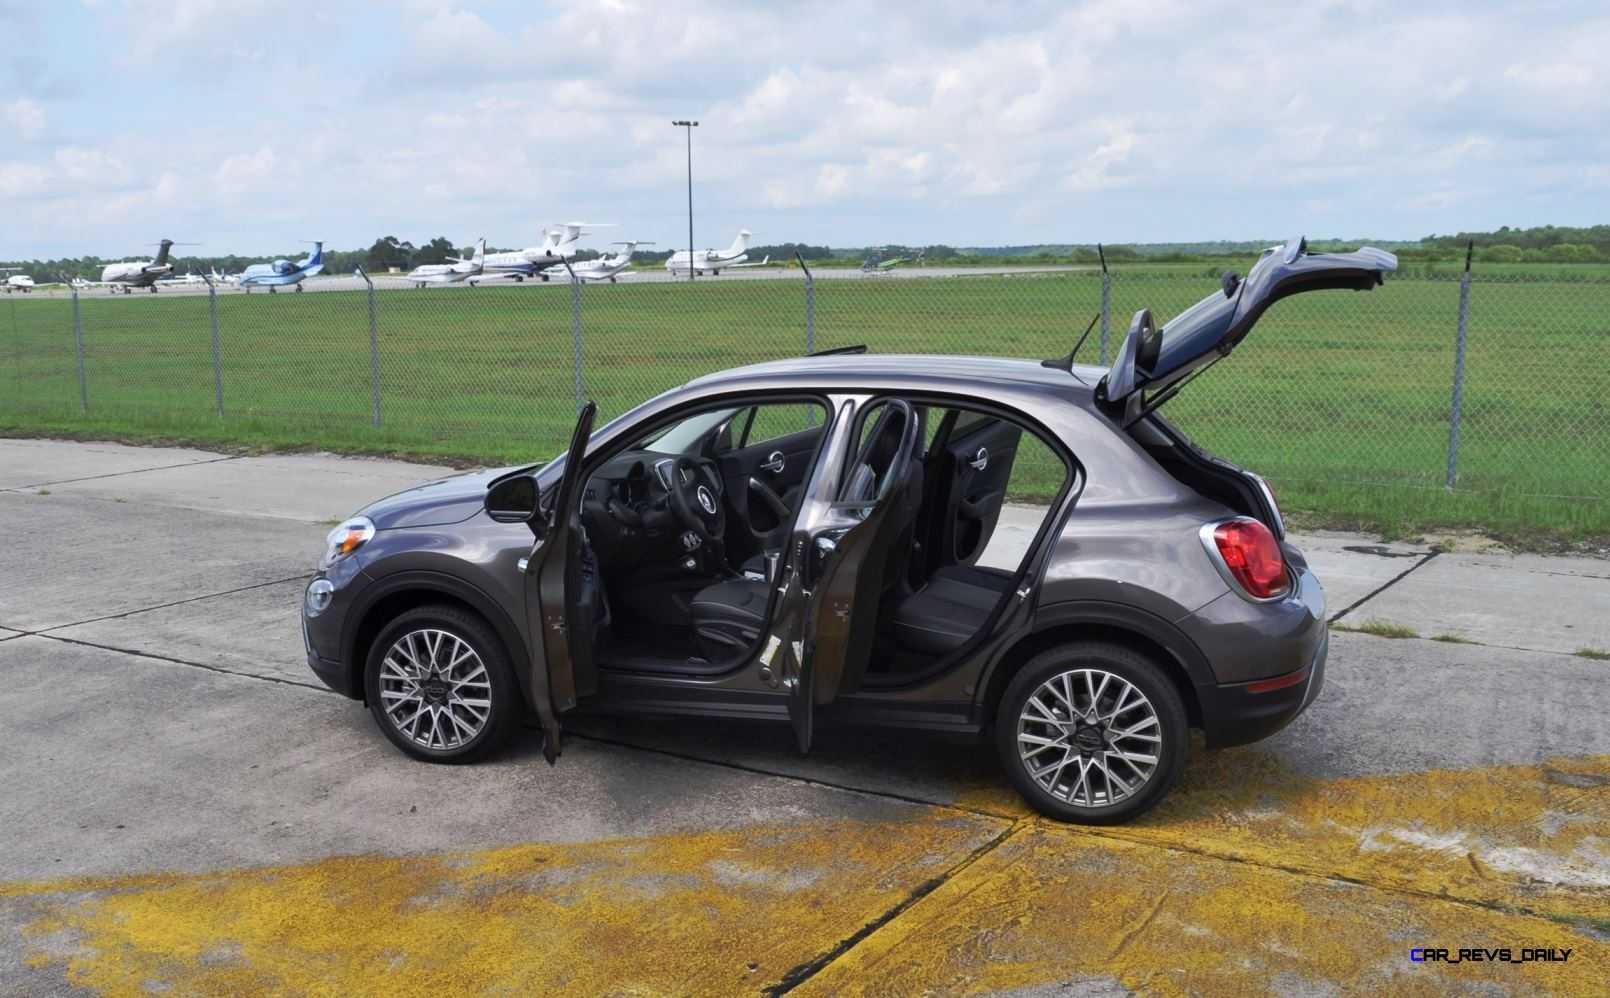 Superb Car Revs Daily.com